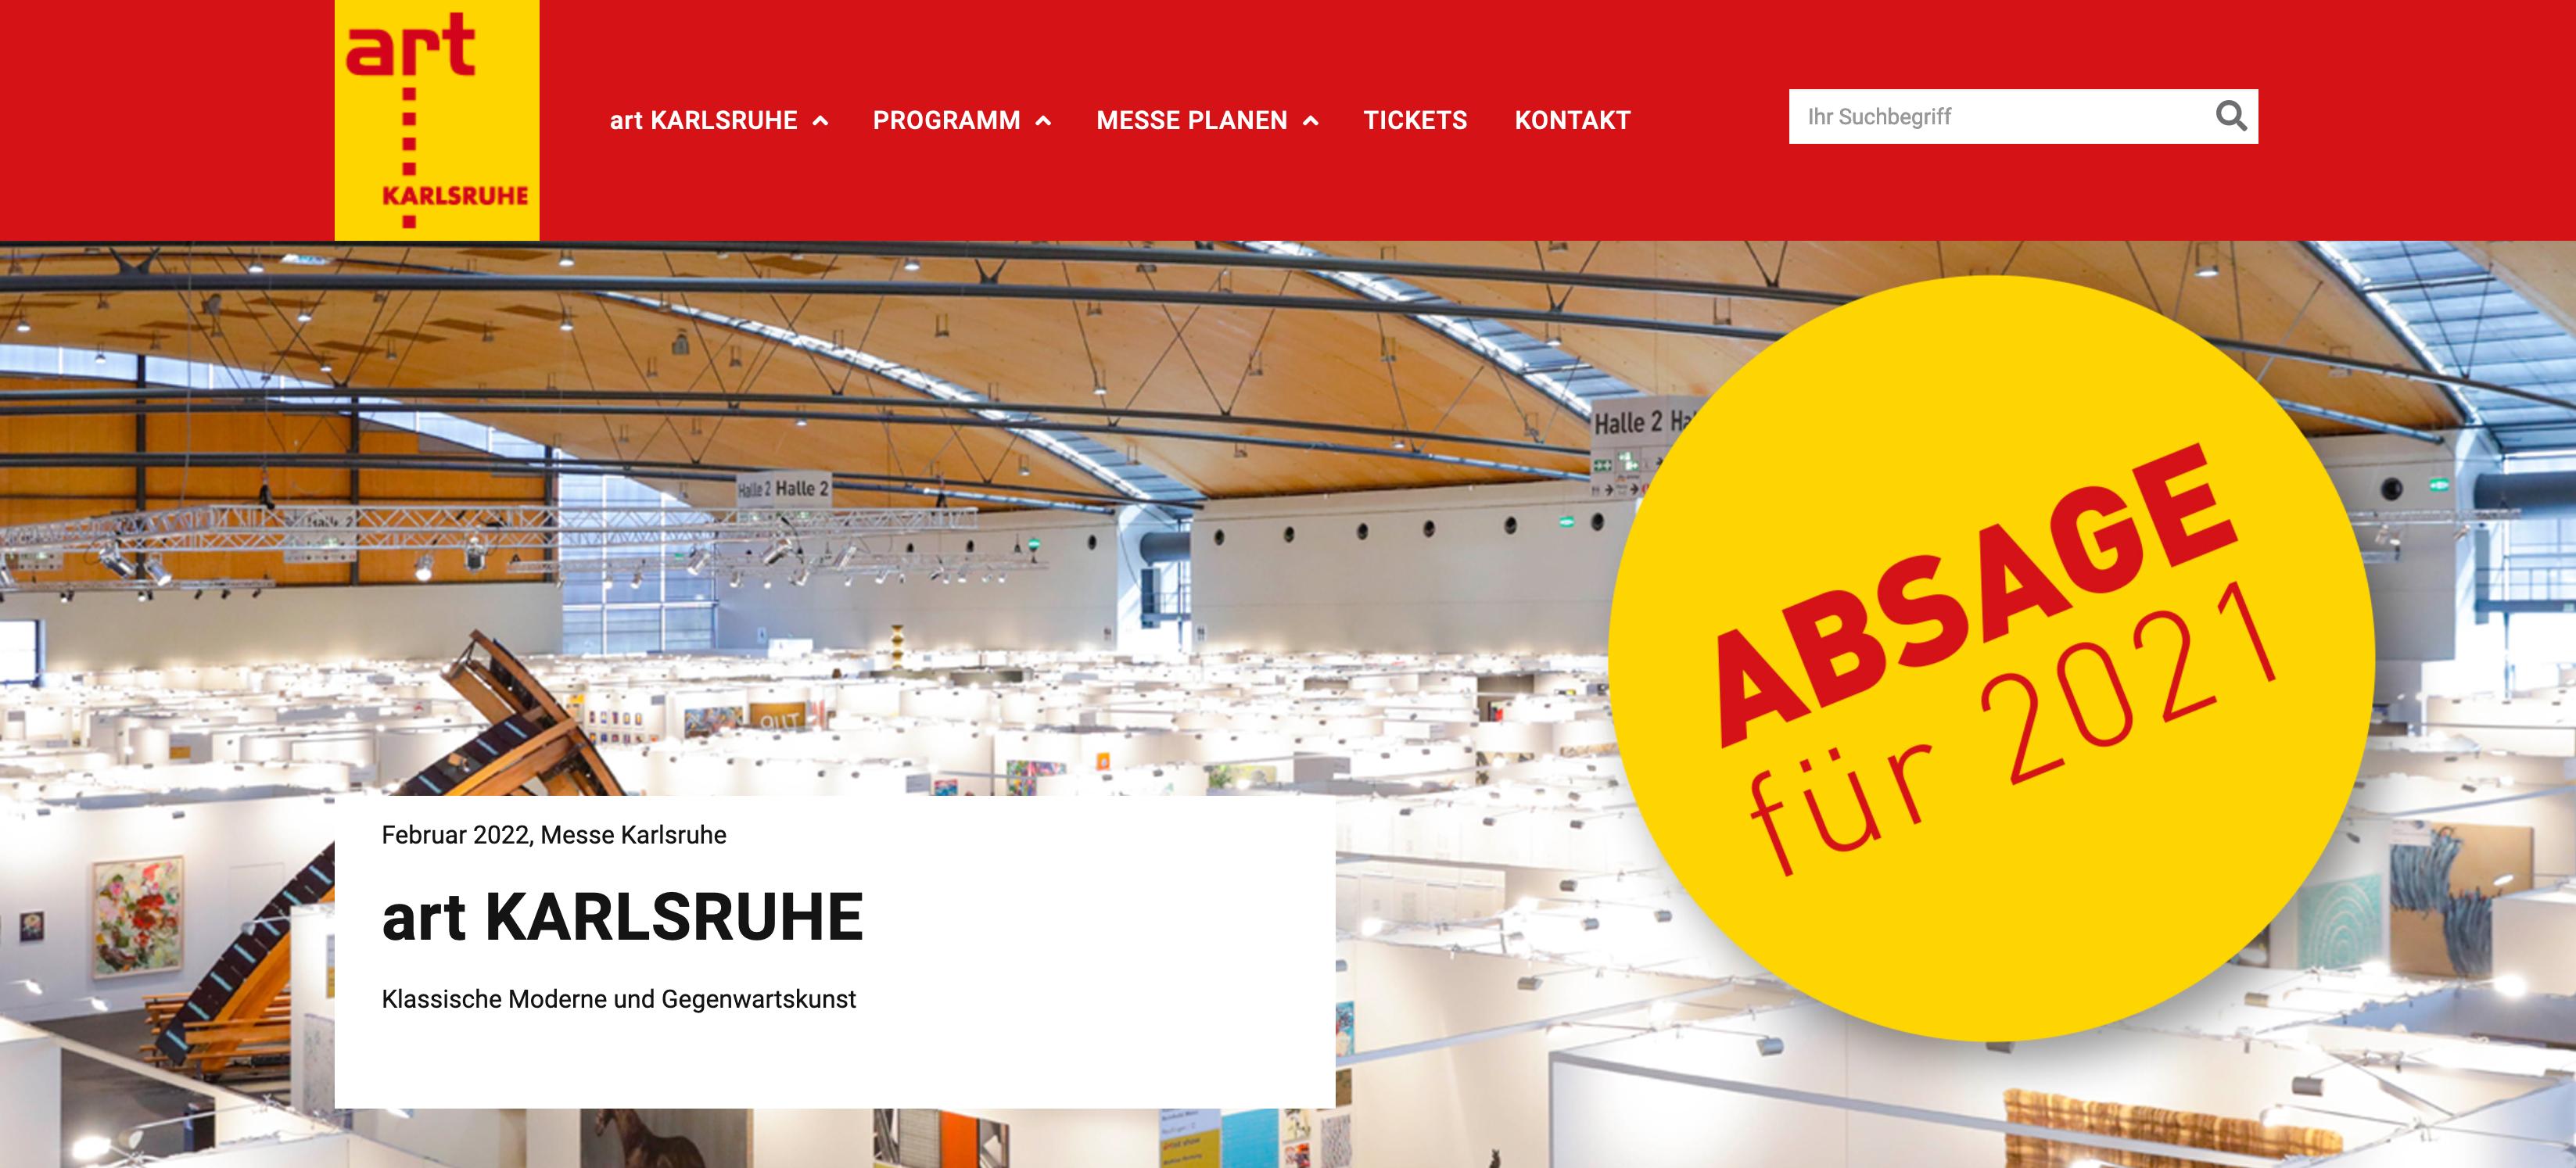 Screenshot von der Website ART Karlsruhe